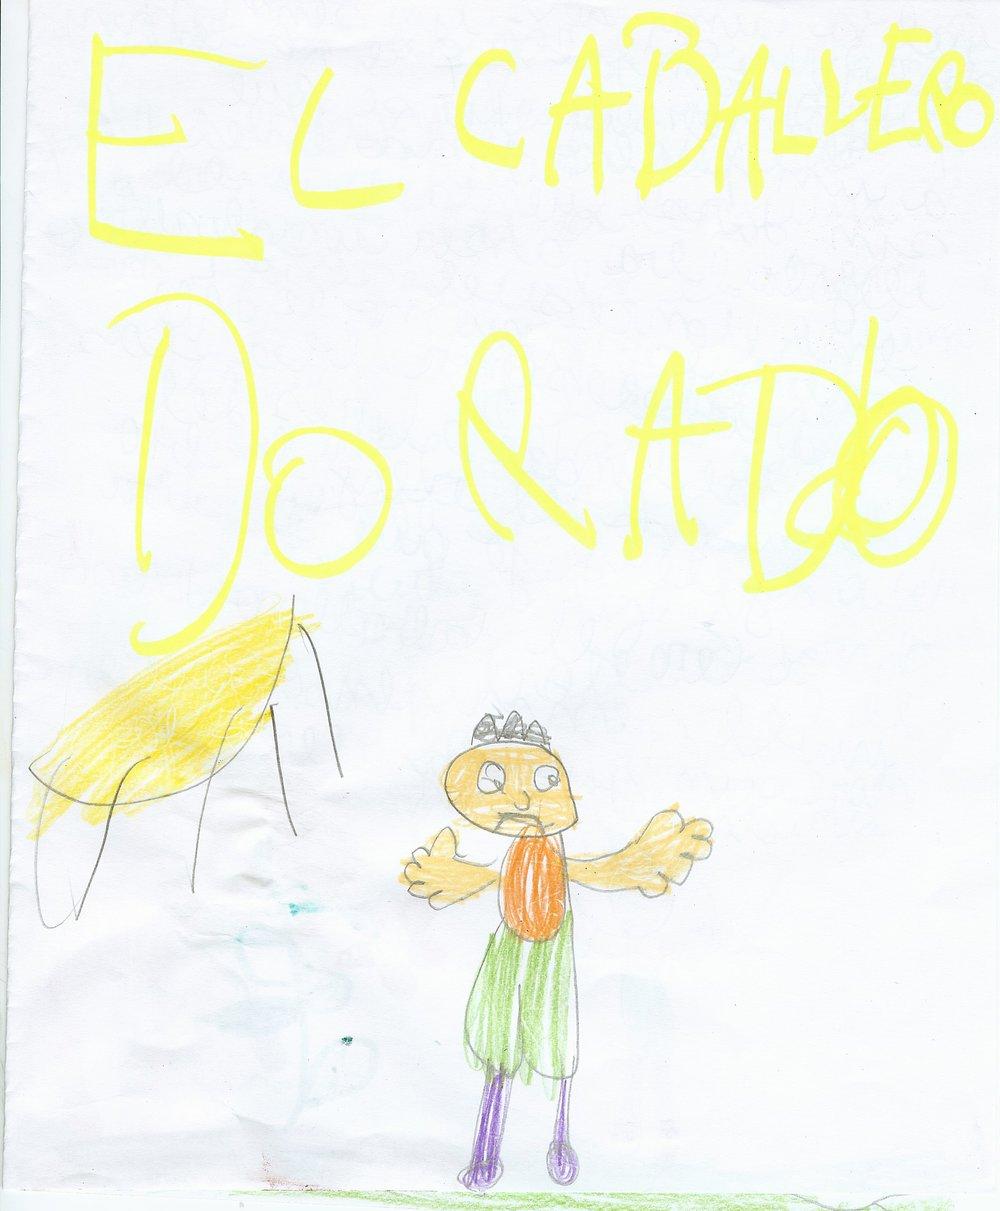 2012-05-12-05-55-30-PM-LA(0)-LO(0).jpg